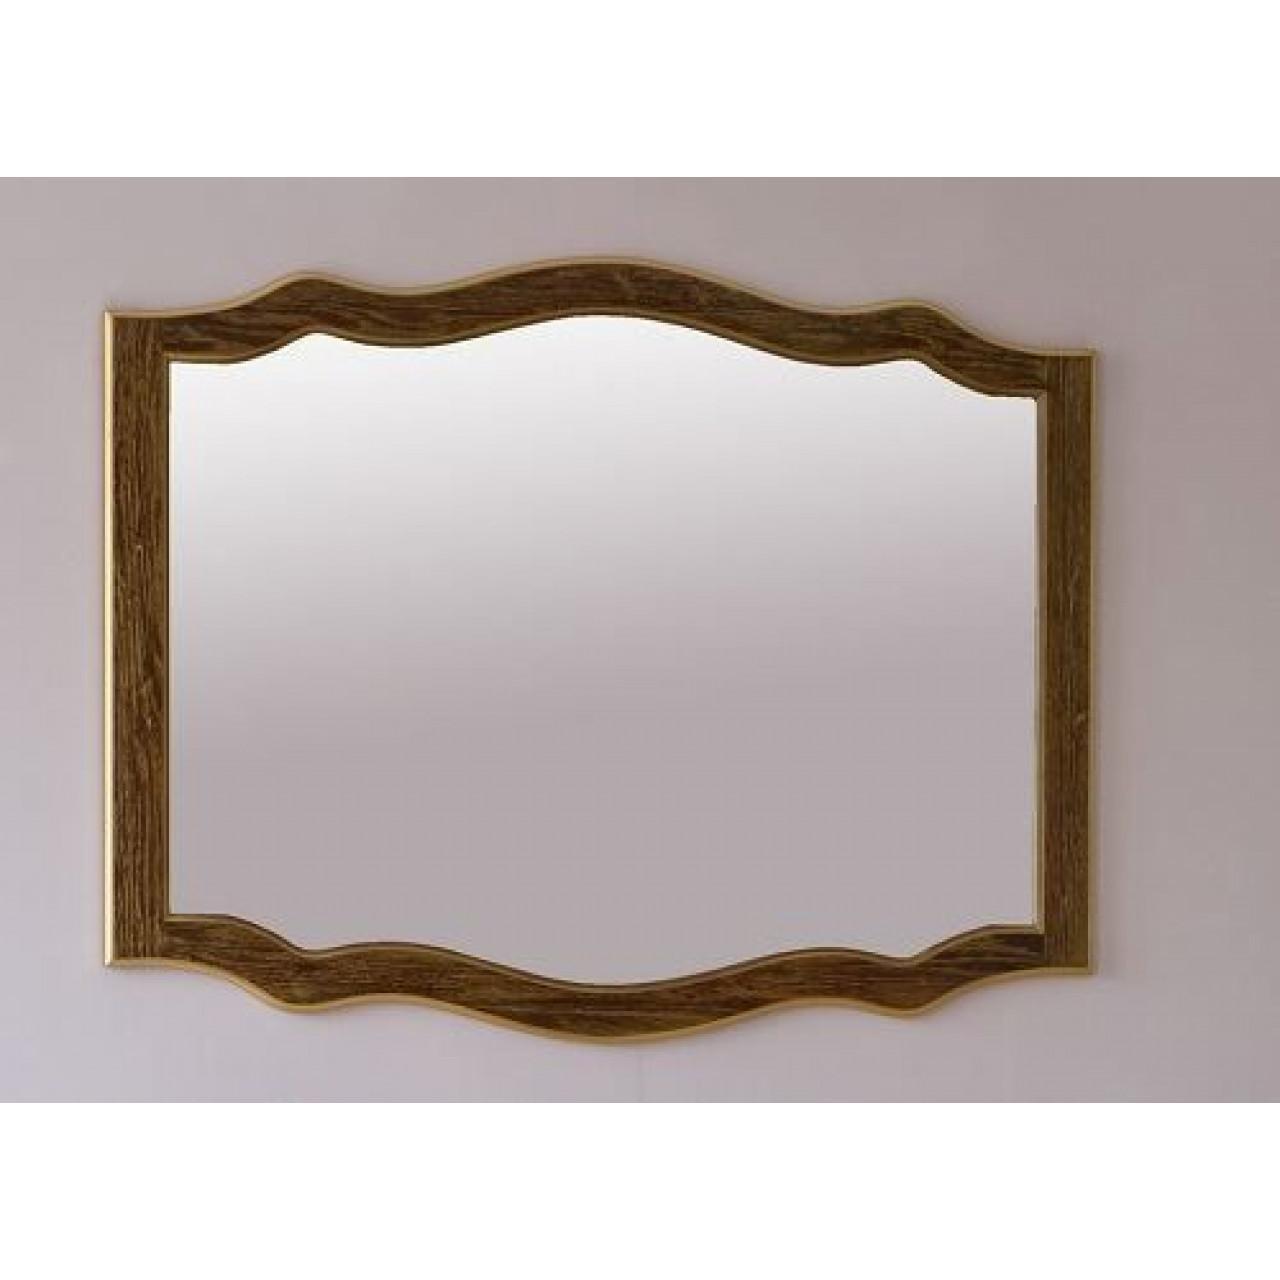 Зеркало Аллигатор Ван 106H купить в Москве по цене от 9400р. в интернет-магазине mebel-v-vannu.ru